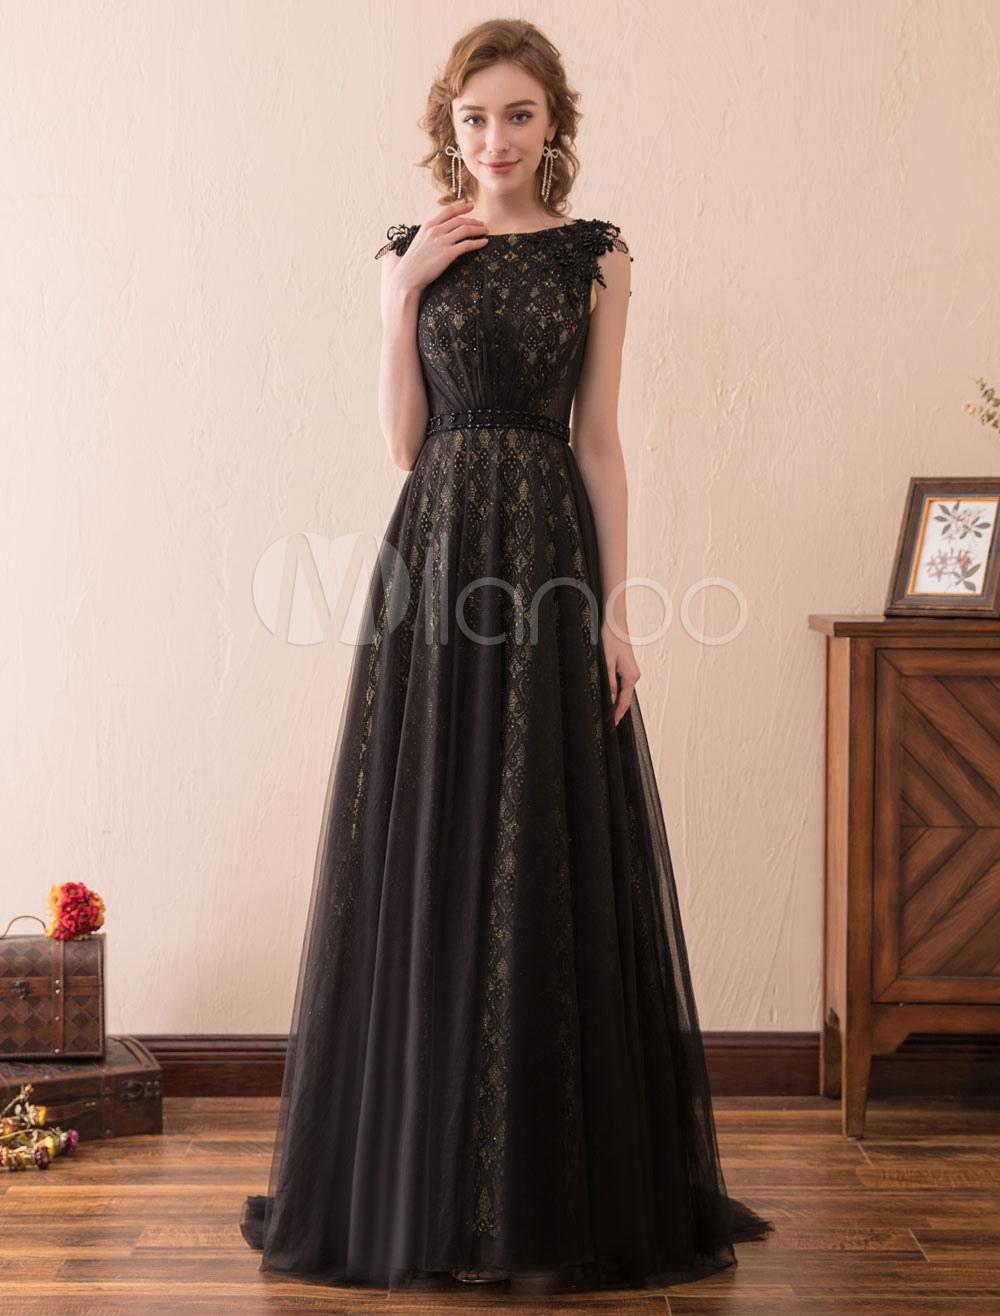 cfb5b68d748 Черные вечерние платья Кружевные длинные платья выпускного вечера  Официальные свадебные платья для гостя-No.